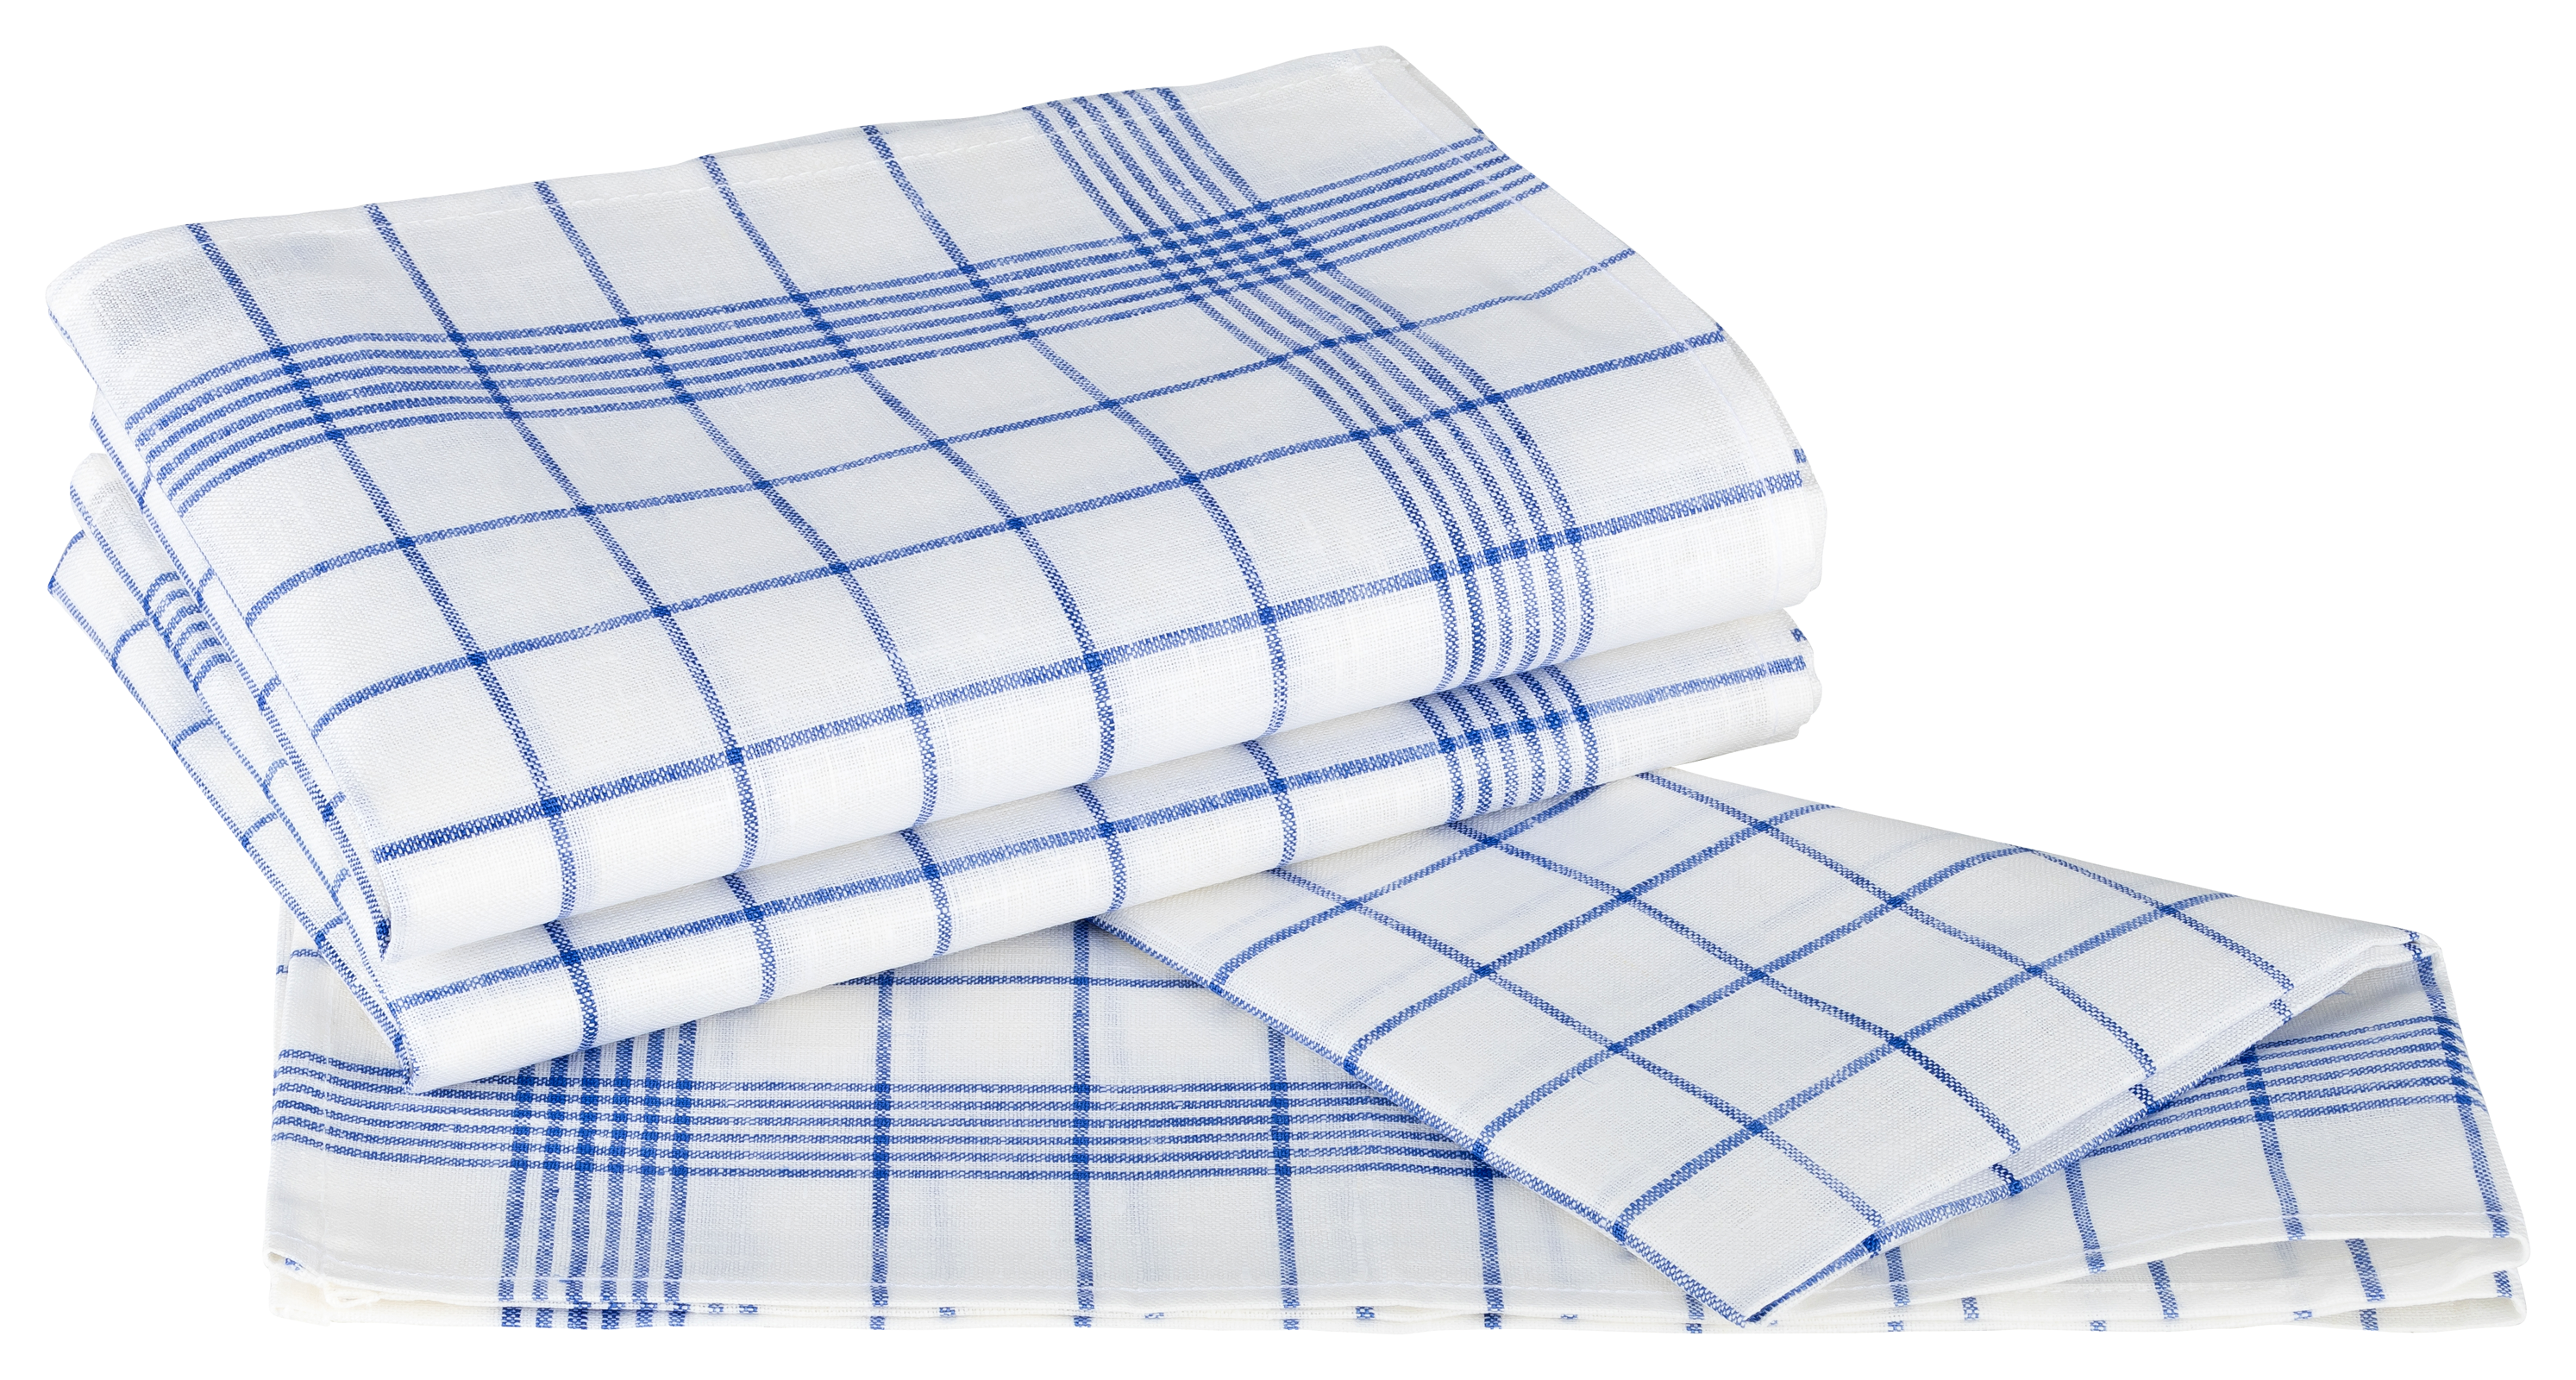 Küchentextilien - Kracht 3er Pack Geschirrtücher Gläsertücher Reinleinen 50x70 Karo 2 262 11 weiß blau  - Onlineshop PremiumShop321